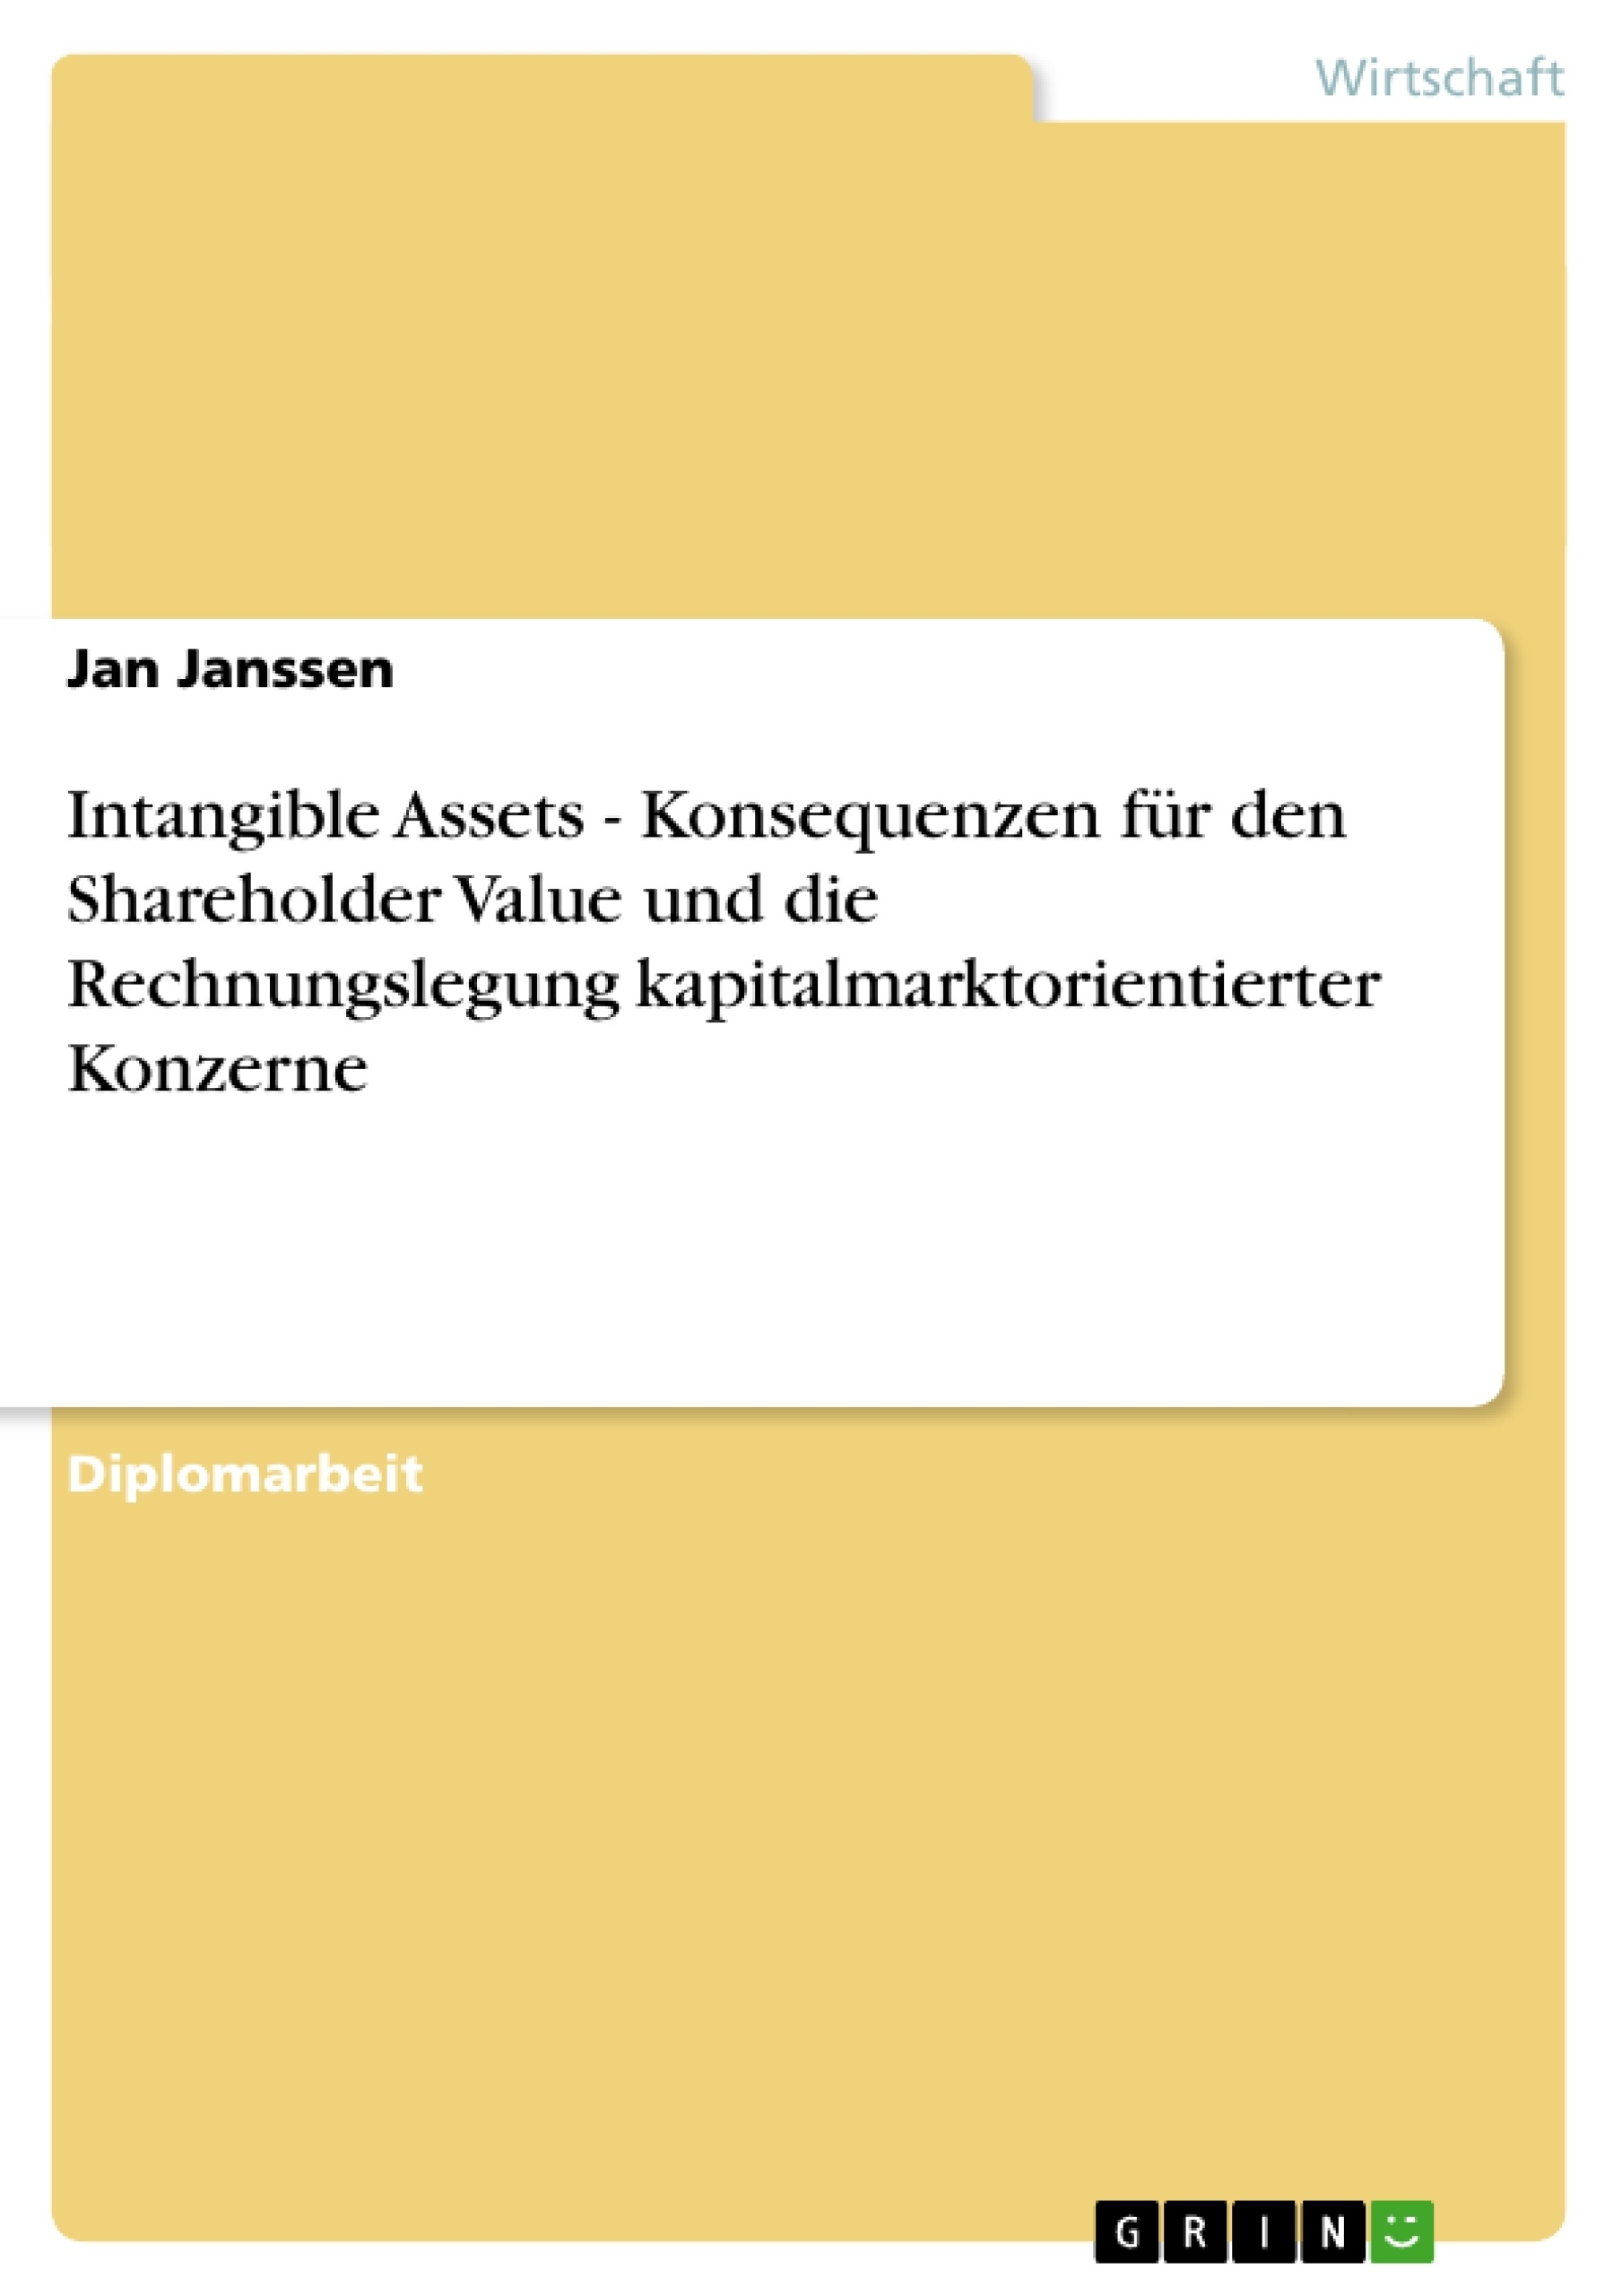 Titel: Intangible Assets - Konsequenzen für den Shareholder Value und die Rechnungslegung kapitalmarktorientierter Konzerne